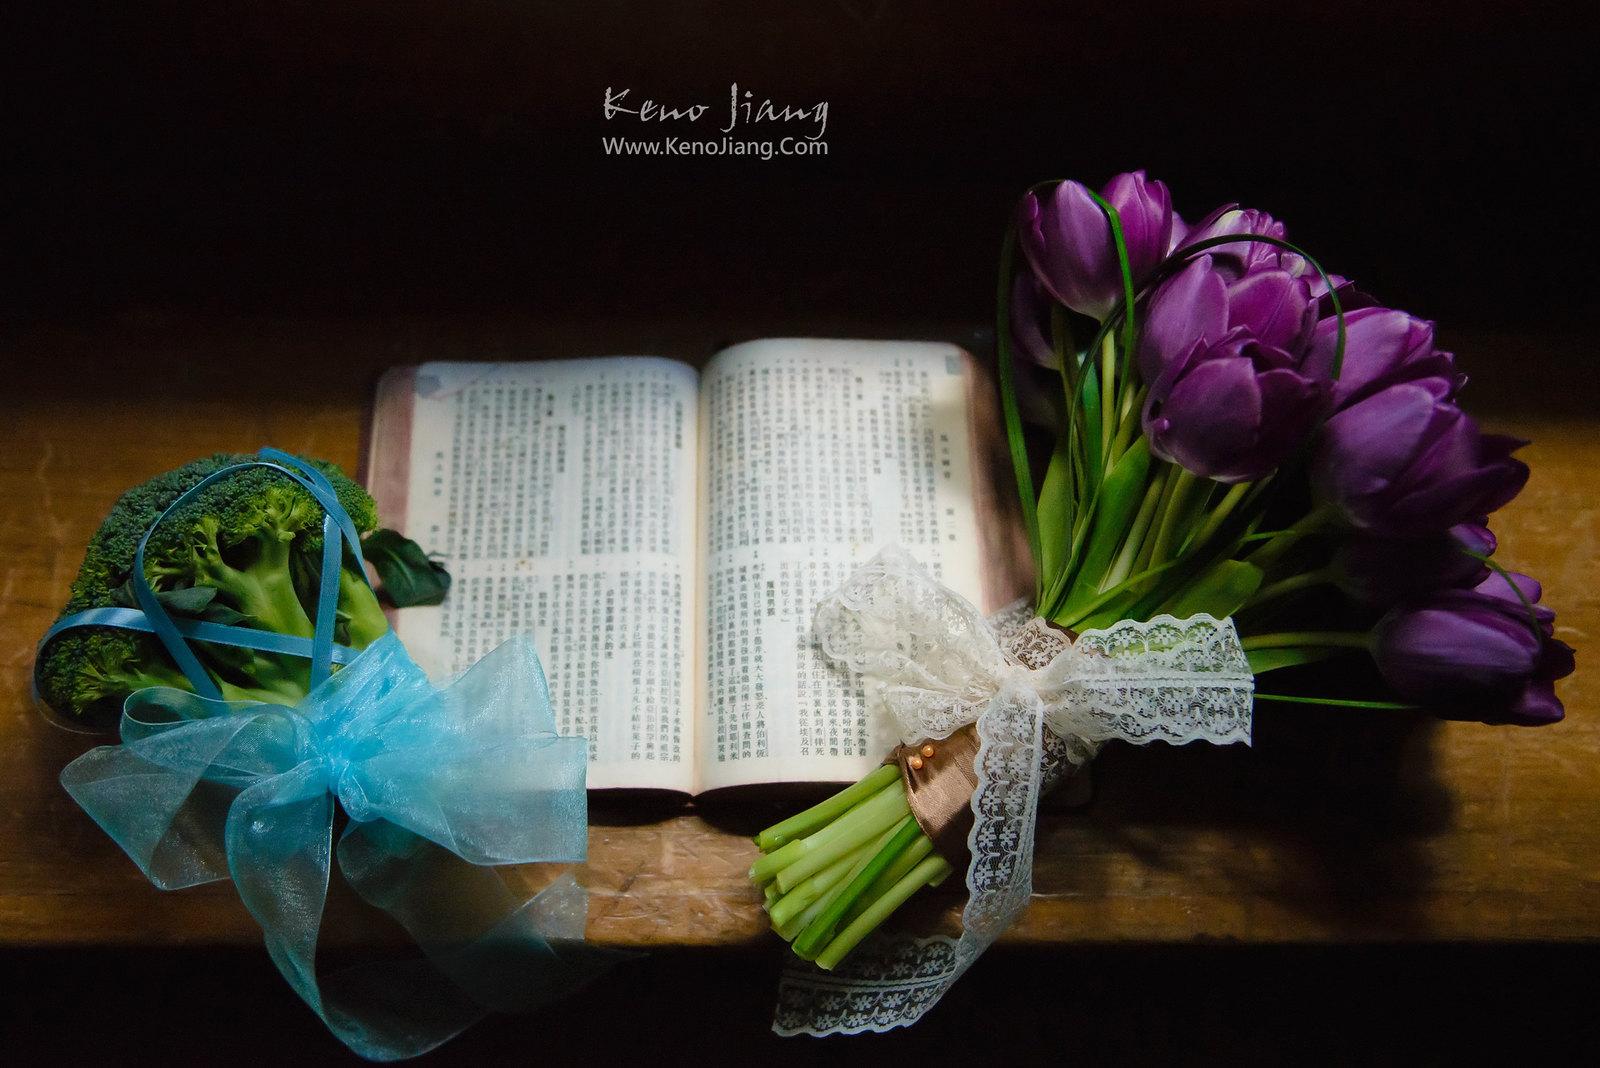 [婚禮紀錄] | 婚禮攝影 | 婚攝 | 自主婚紗 | 教堂婚禮 | @昭信 & 銓浩 (婚攝)